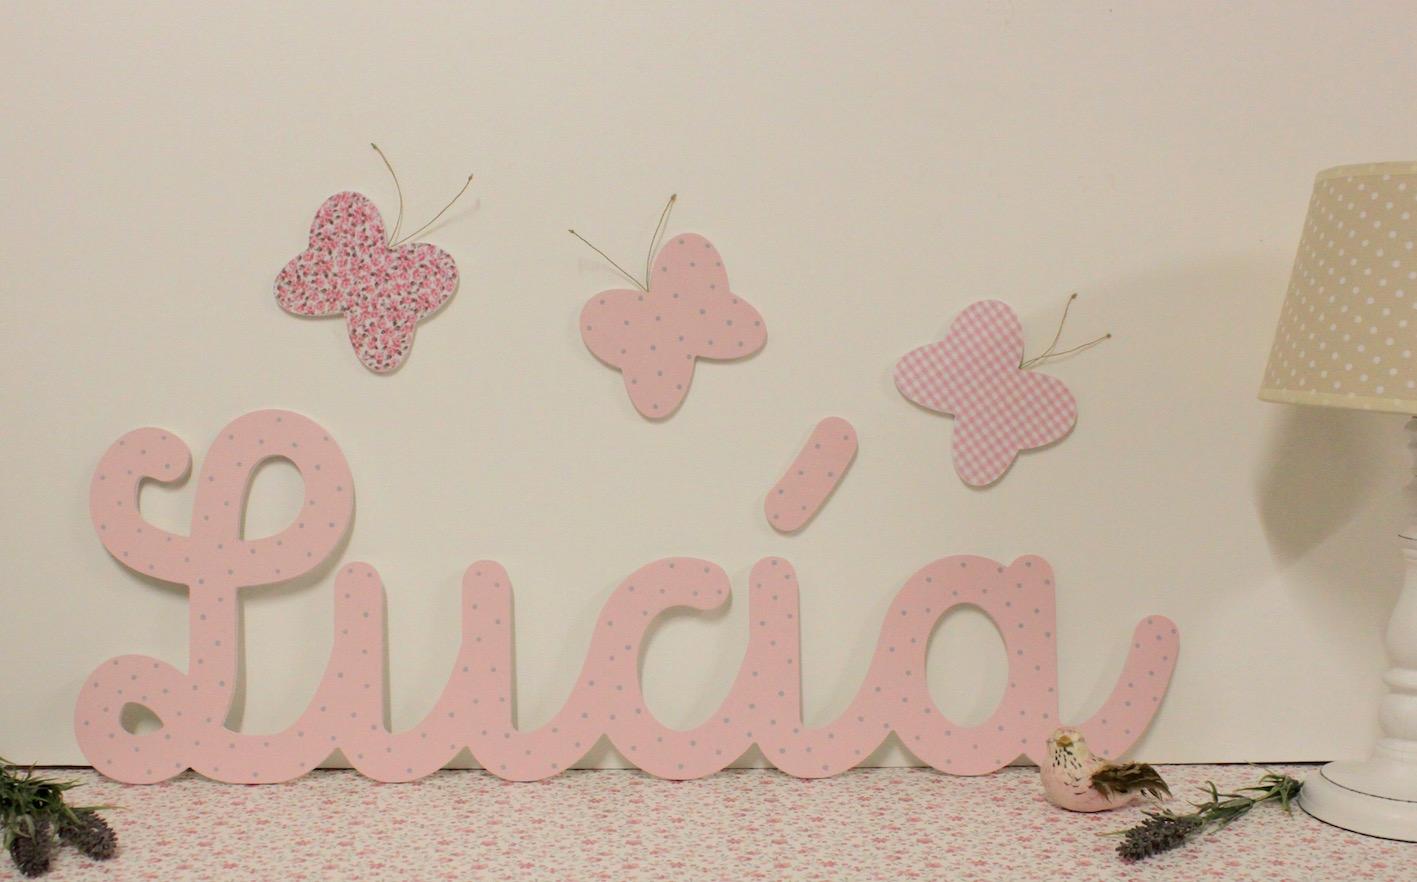 Letras y nombres infantiles para decorar  DECORACIN INFANTIL PERSONALIZADAdecoracion infantil personalizada